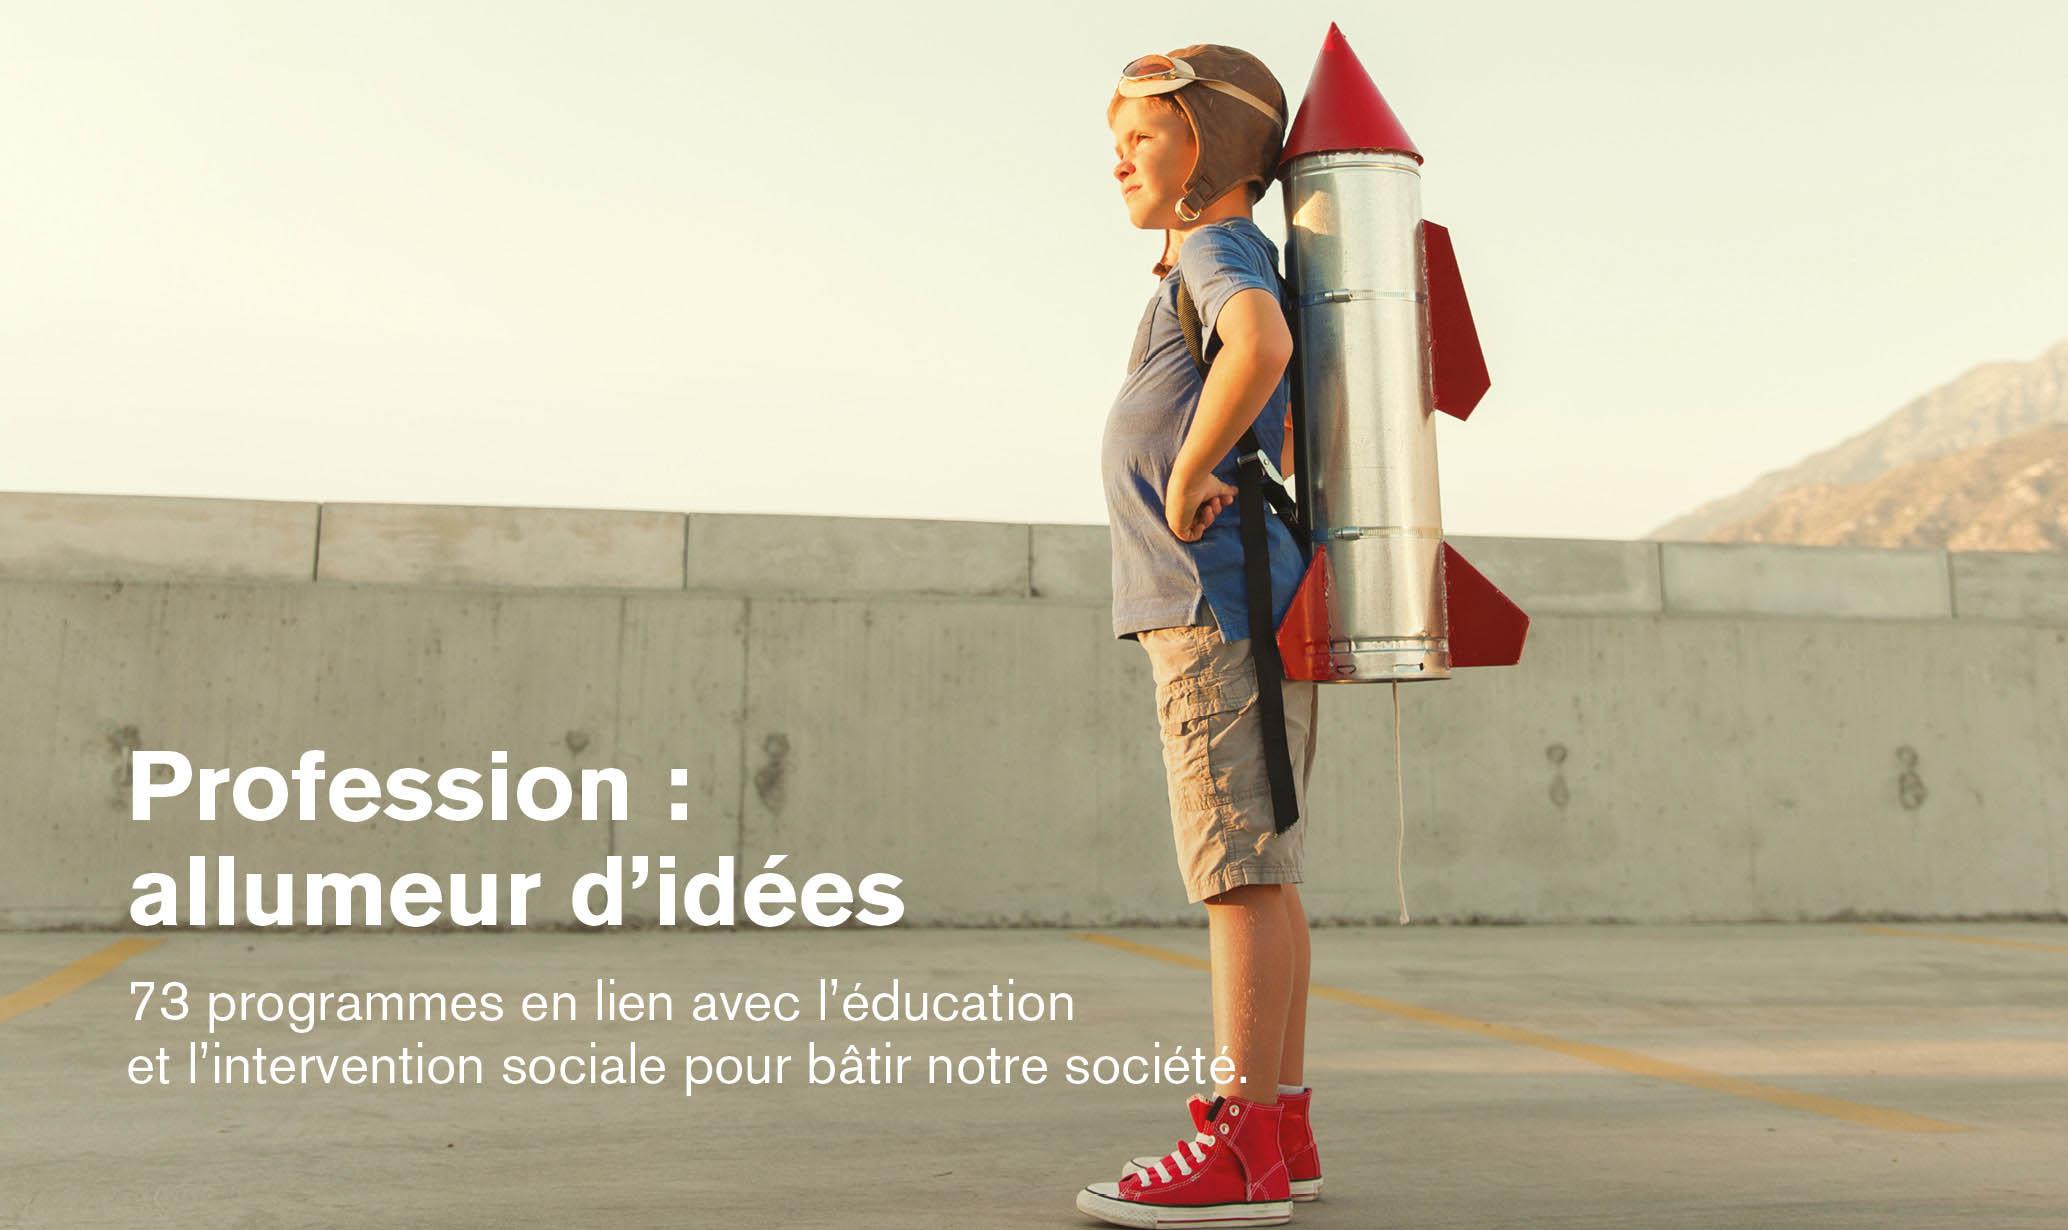 Profession: allumeur d'idées   73 programmes en lien avec l'éducation et l'intervention sociale pour bâtir notre société.